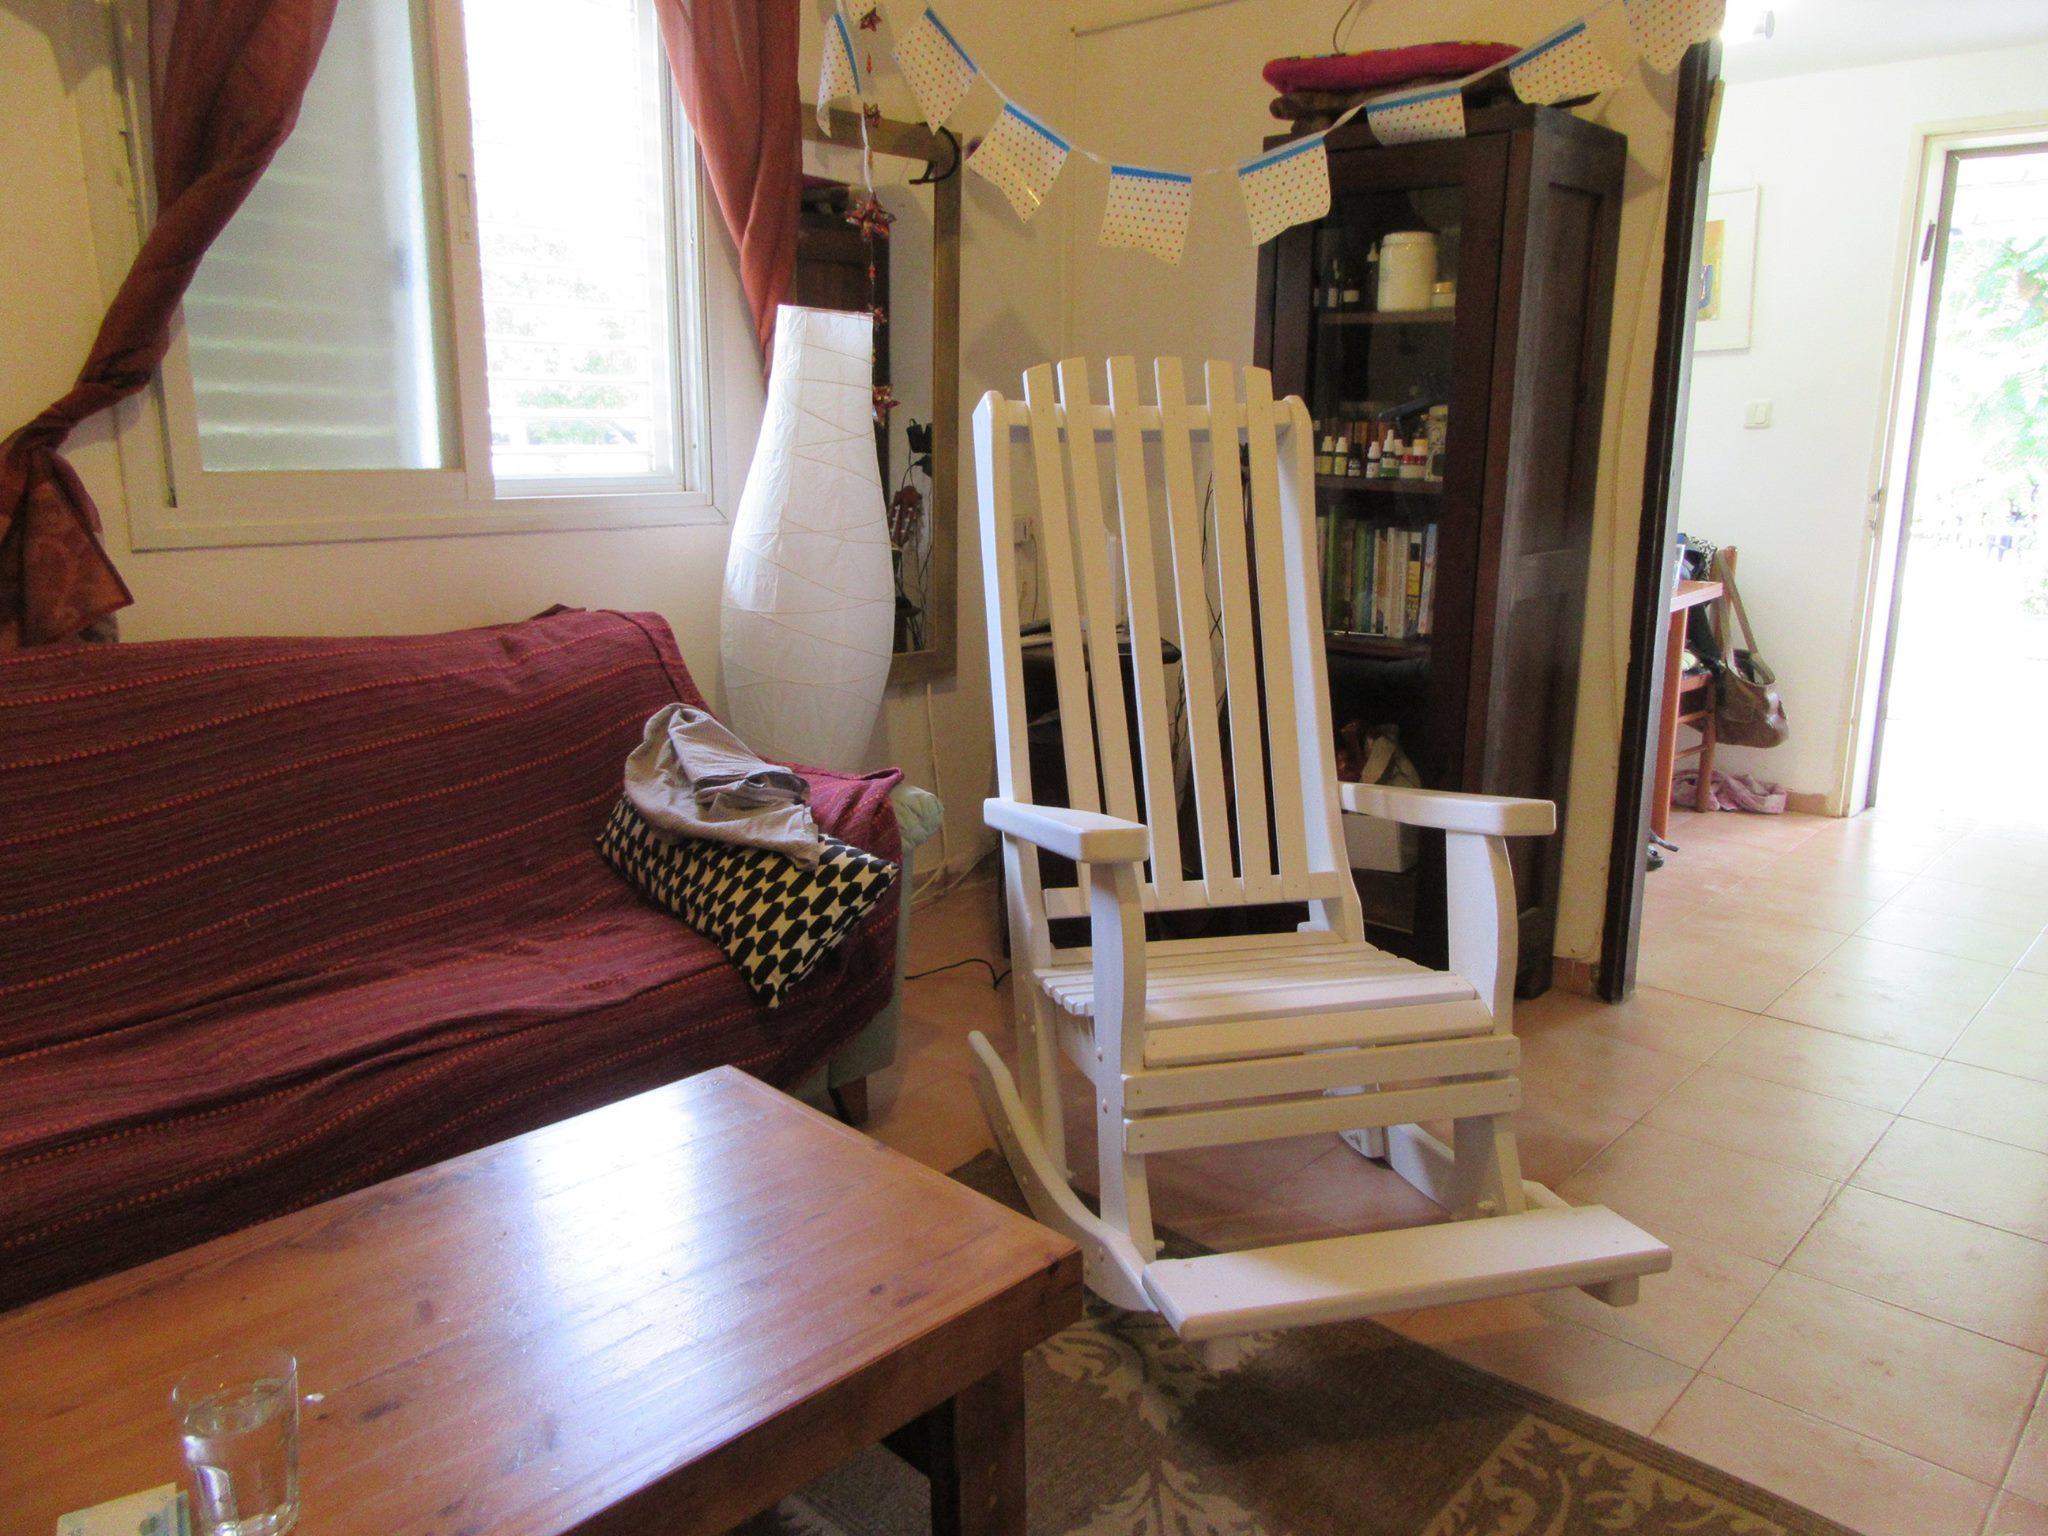 כיסא, דגם בלו 91, עץ מלא, מידות בהתאמה אישית ובמגוון רחב של צבעים.